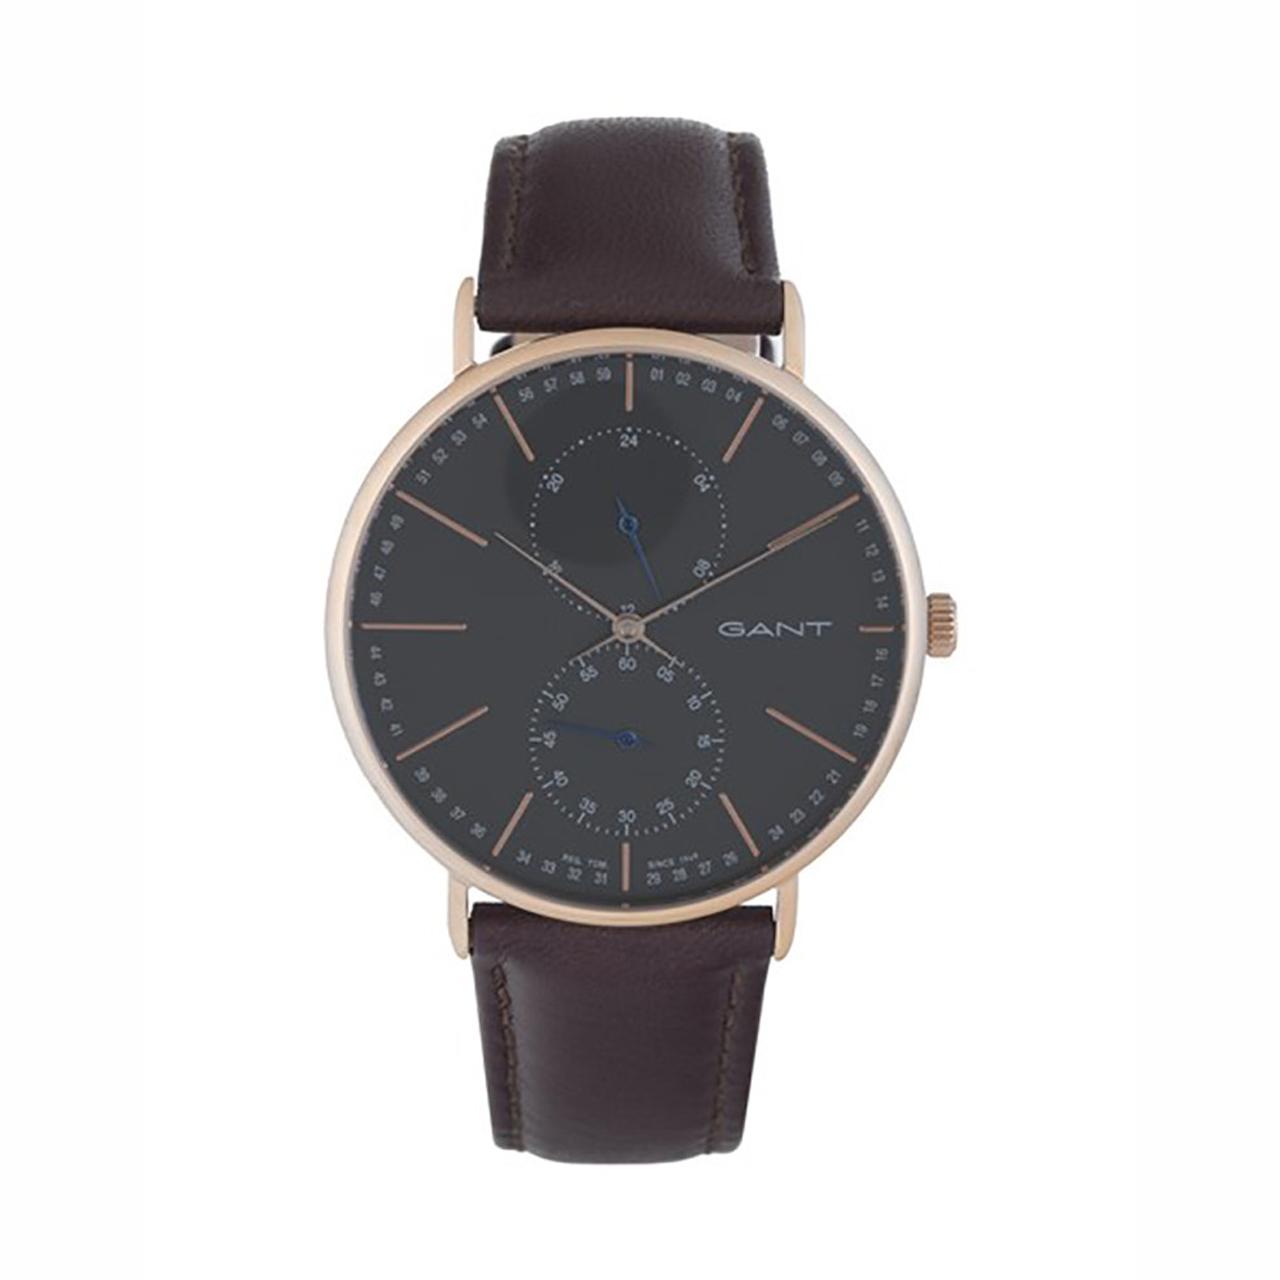 ساعت مچی عقربه ای مردانه گنت مدل GW036005